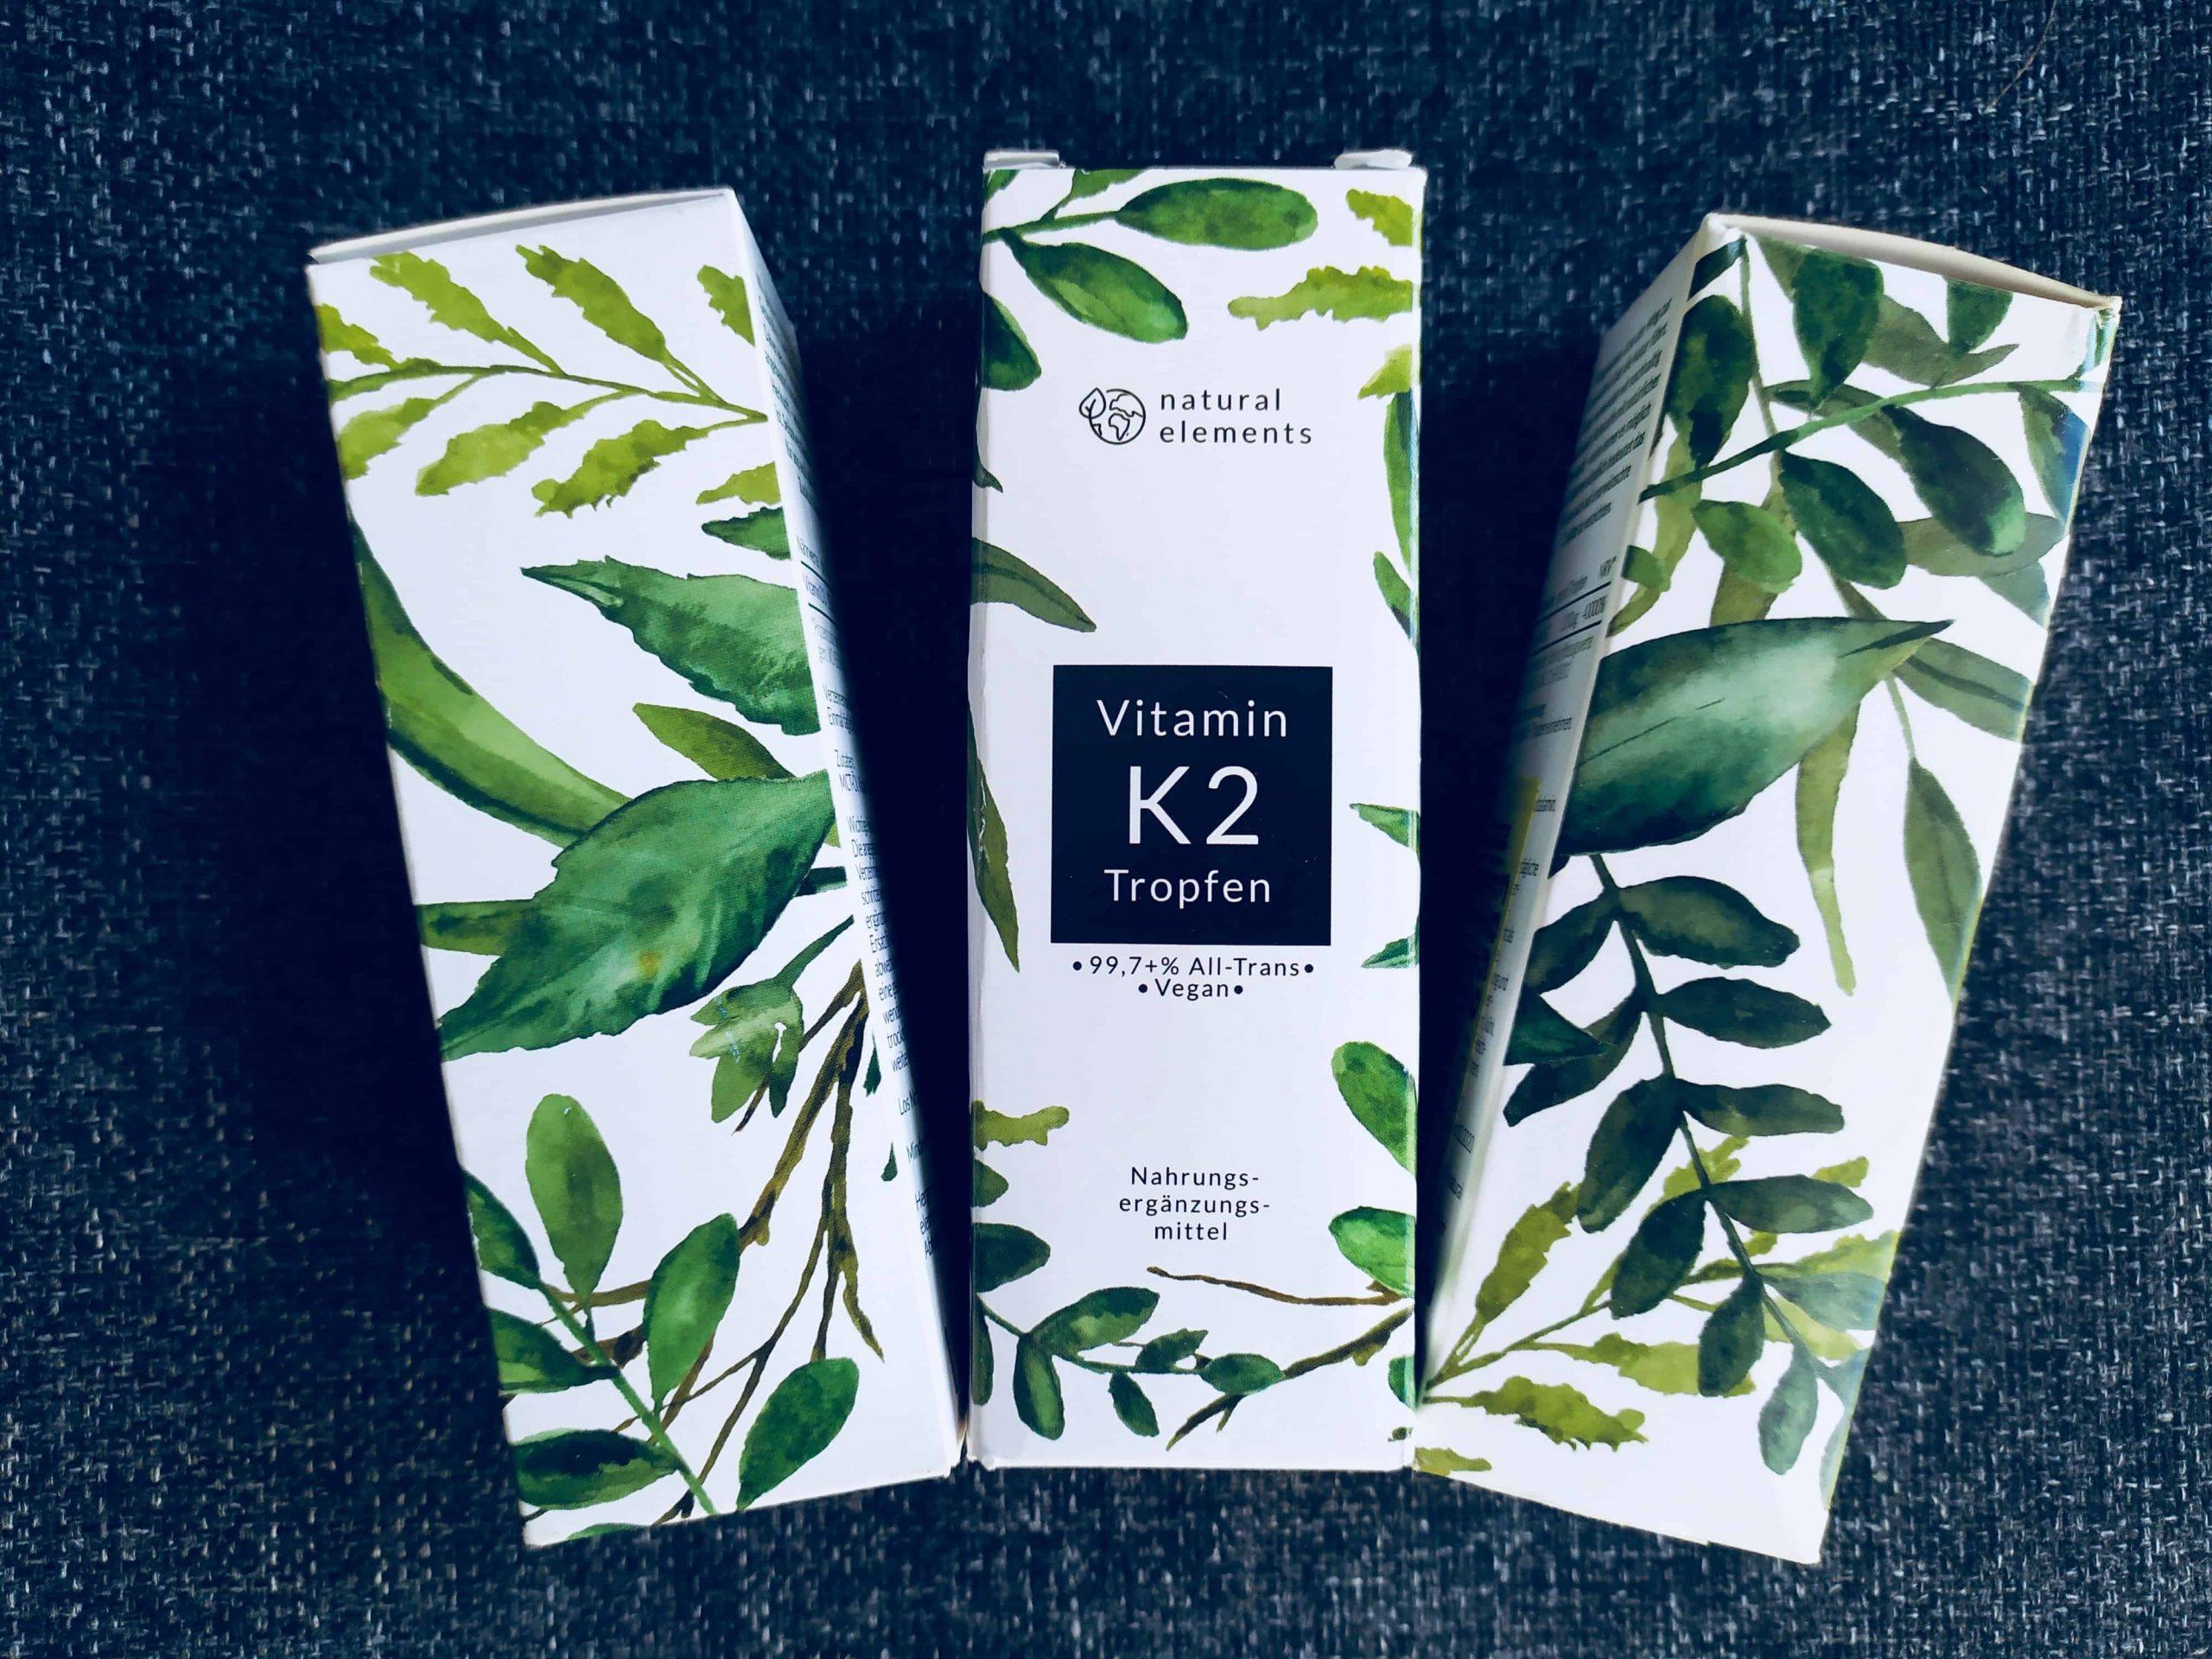 Vitamine K2: Wat zijn de beste producten van (09/21)?